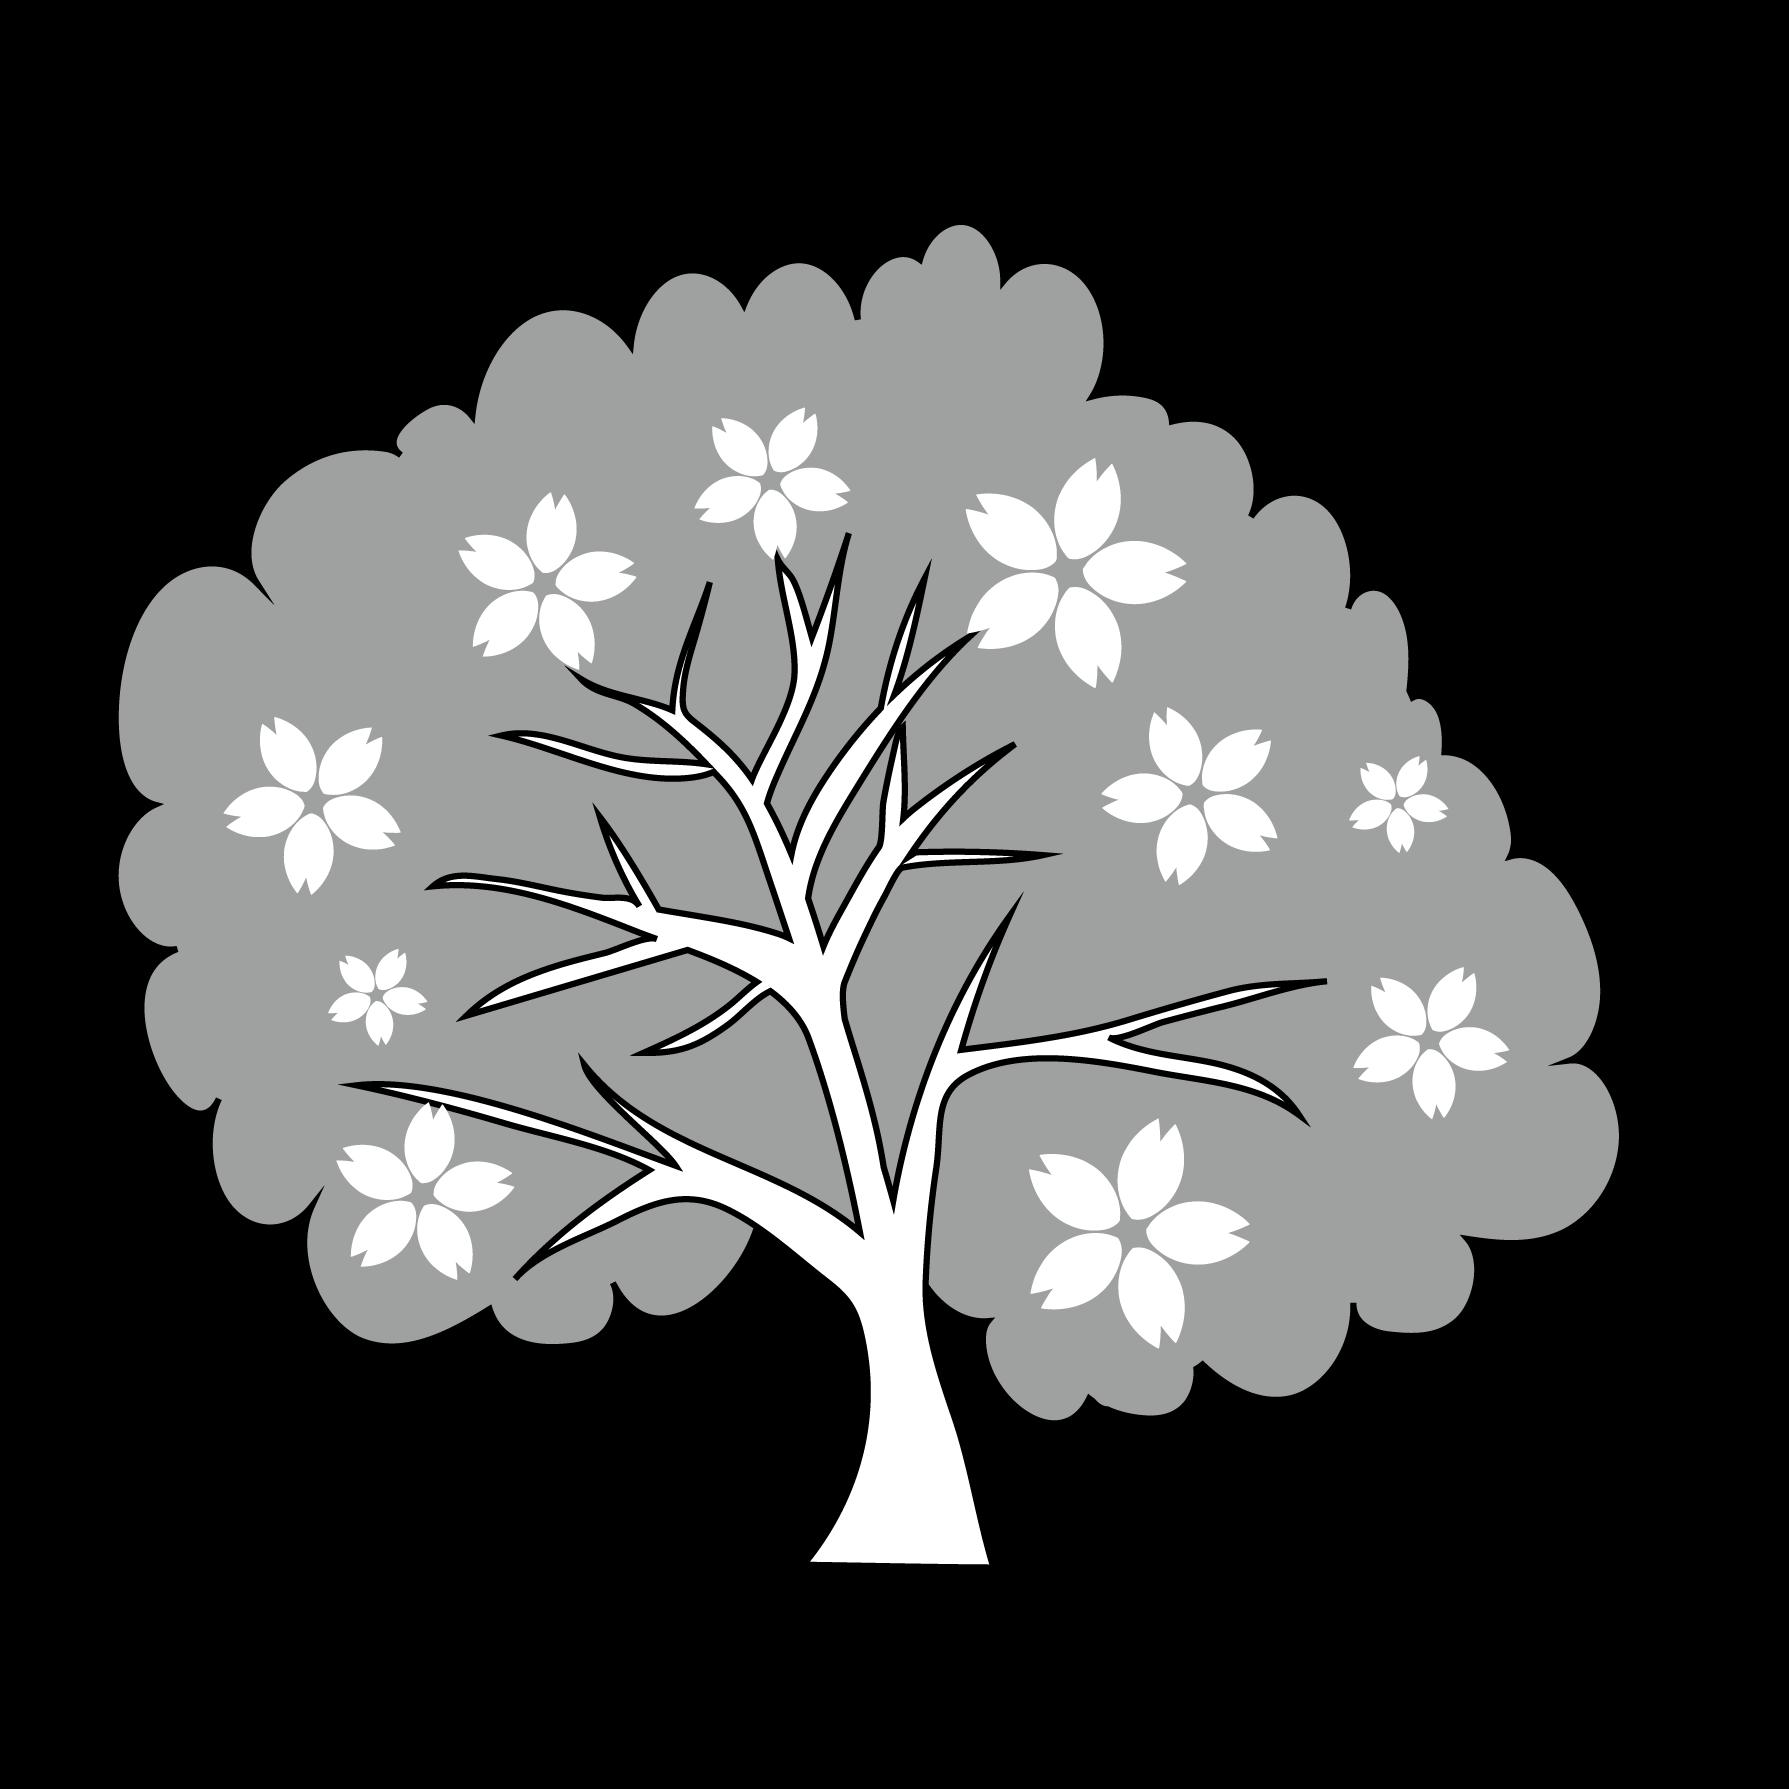 春 イラストかわいい 桜 の木の 白黒 フリー イラスト 商用フリー